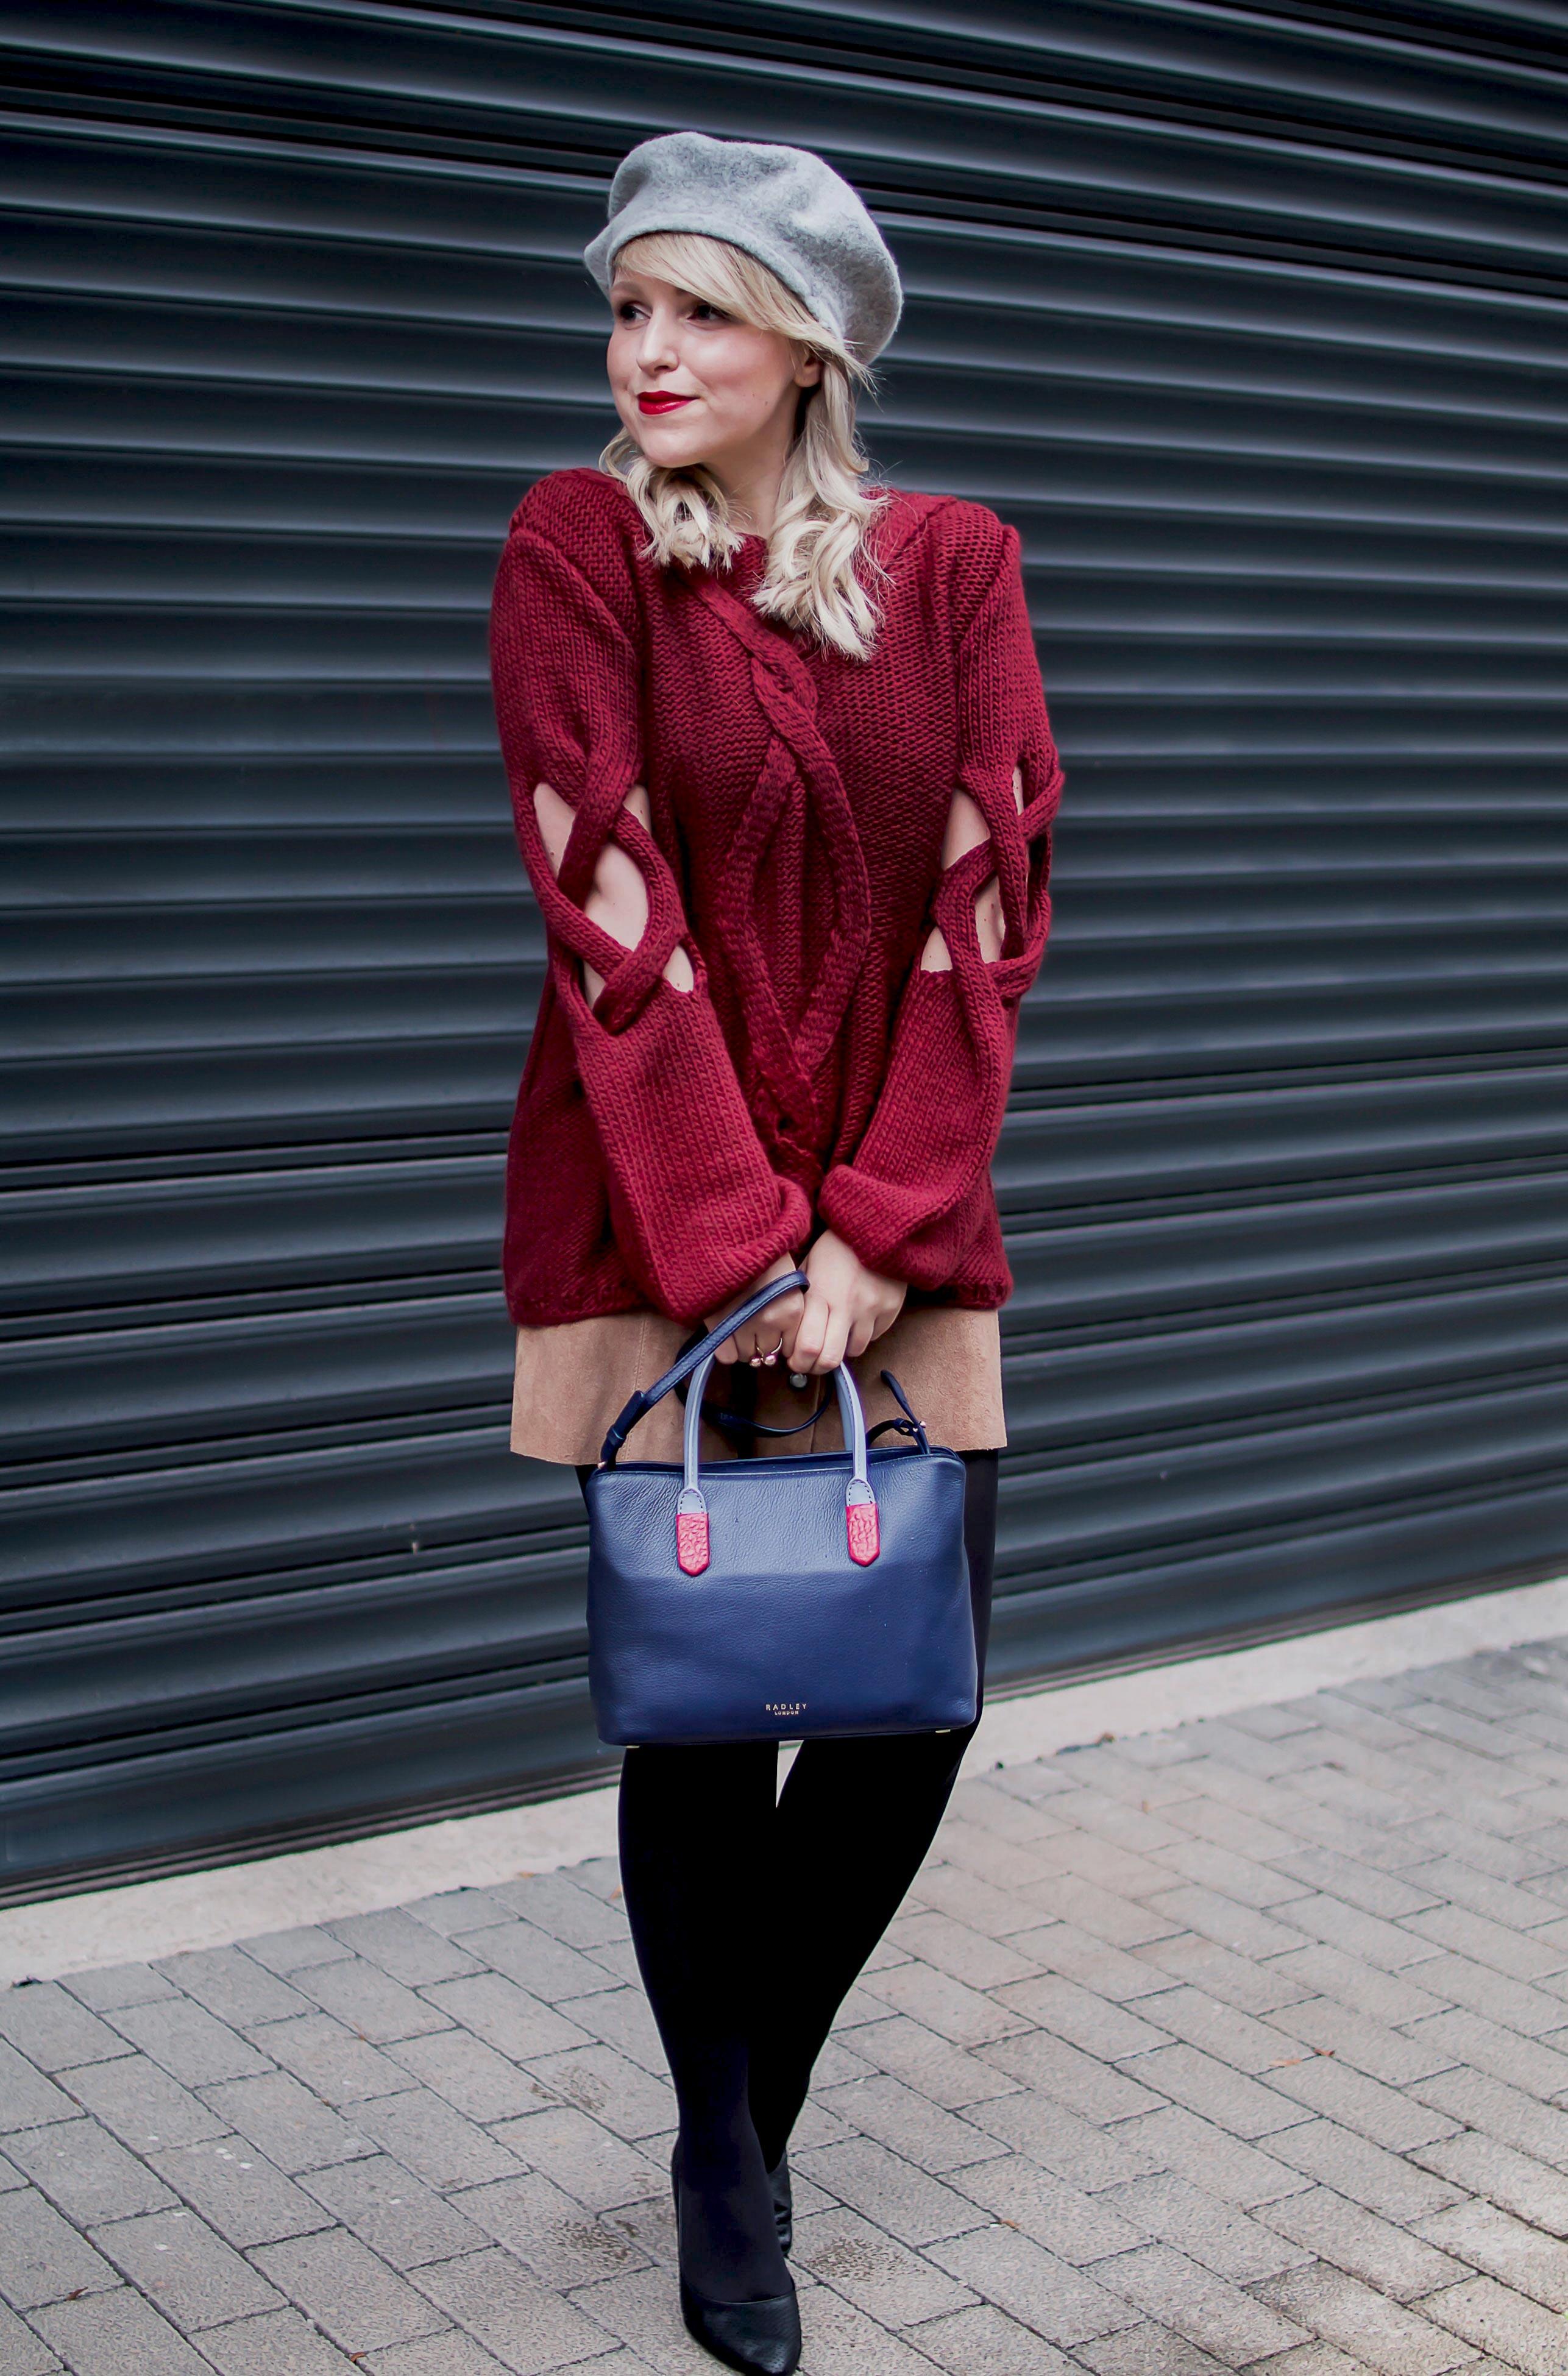 french_style_outfit_radley_wochenendstyle_baskenmuetze_franzoesisch_hut